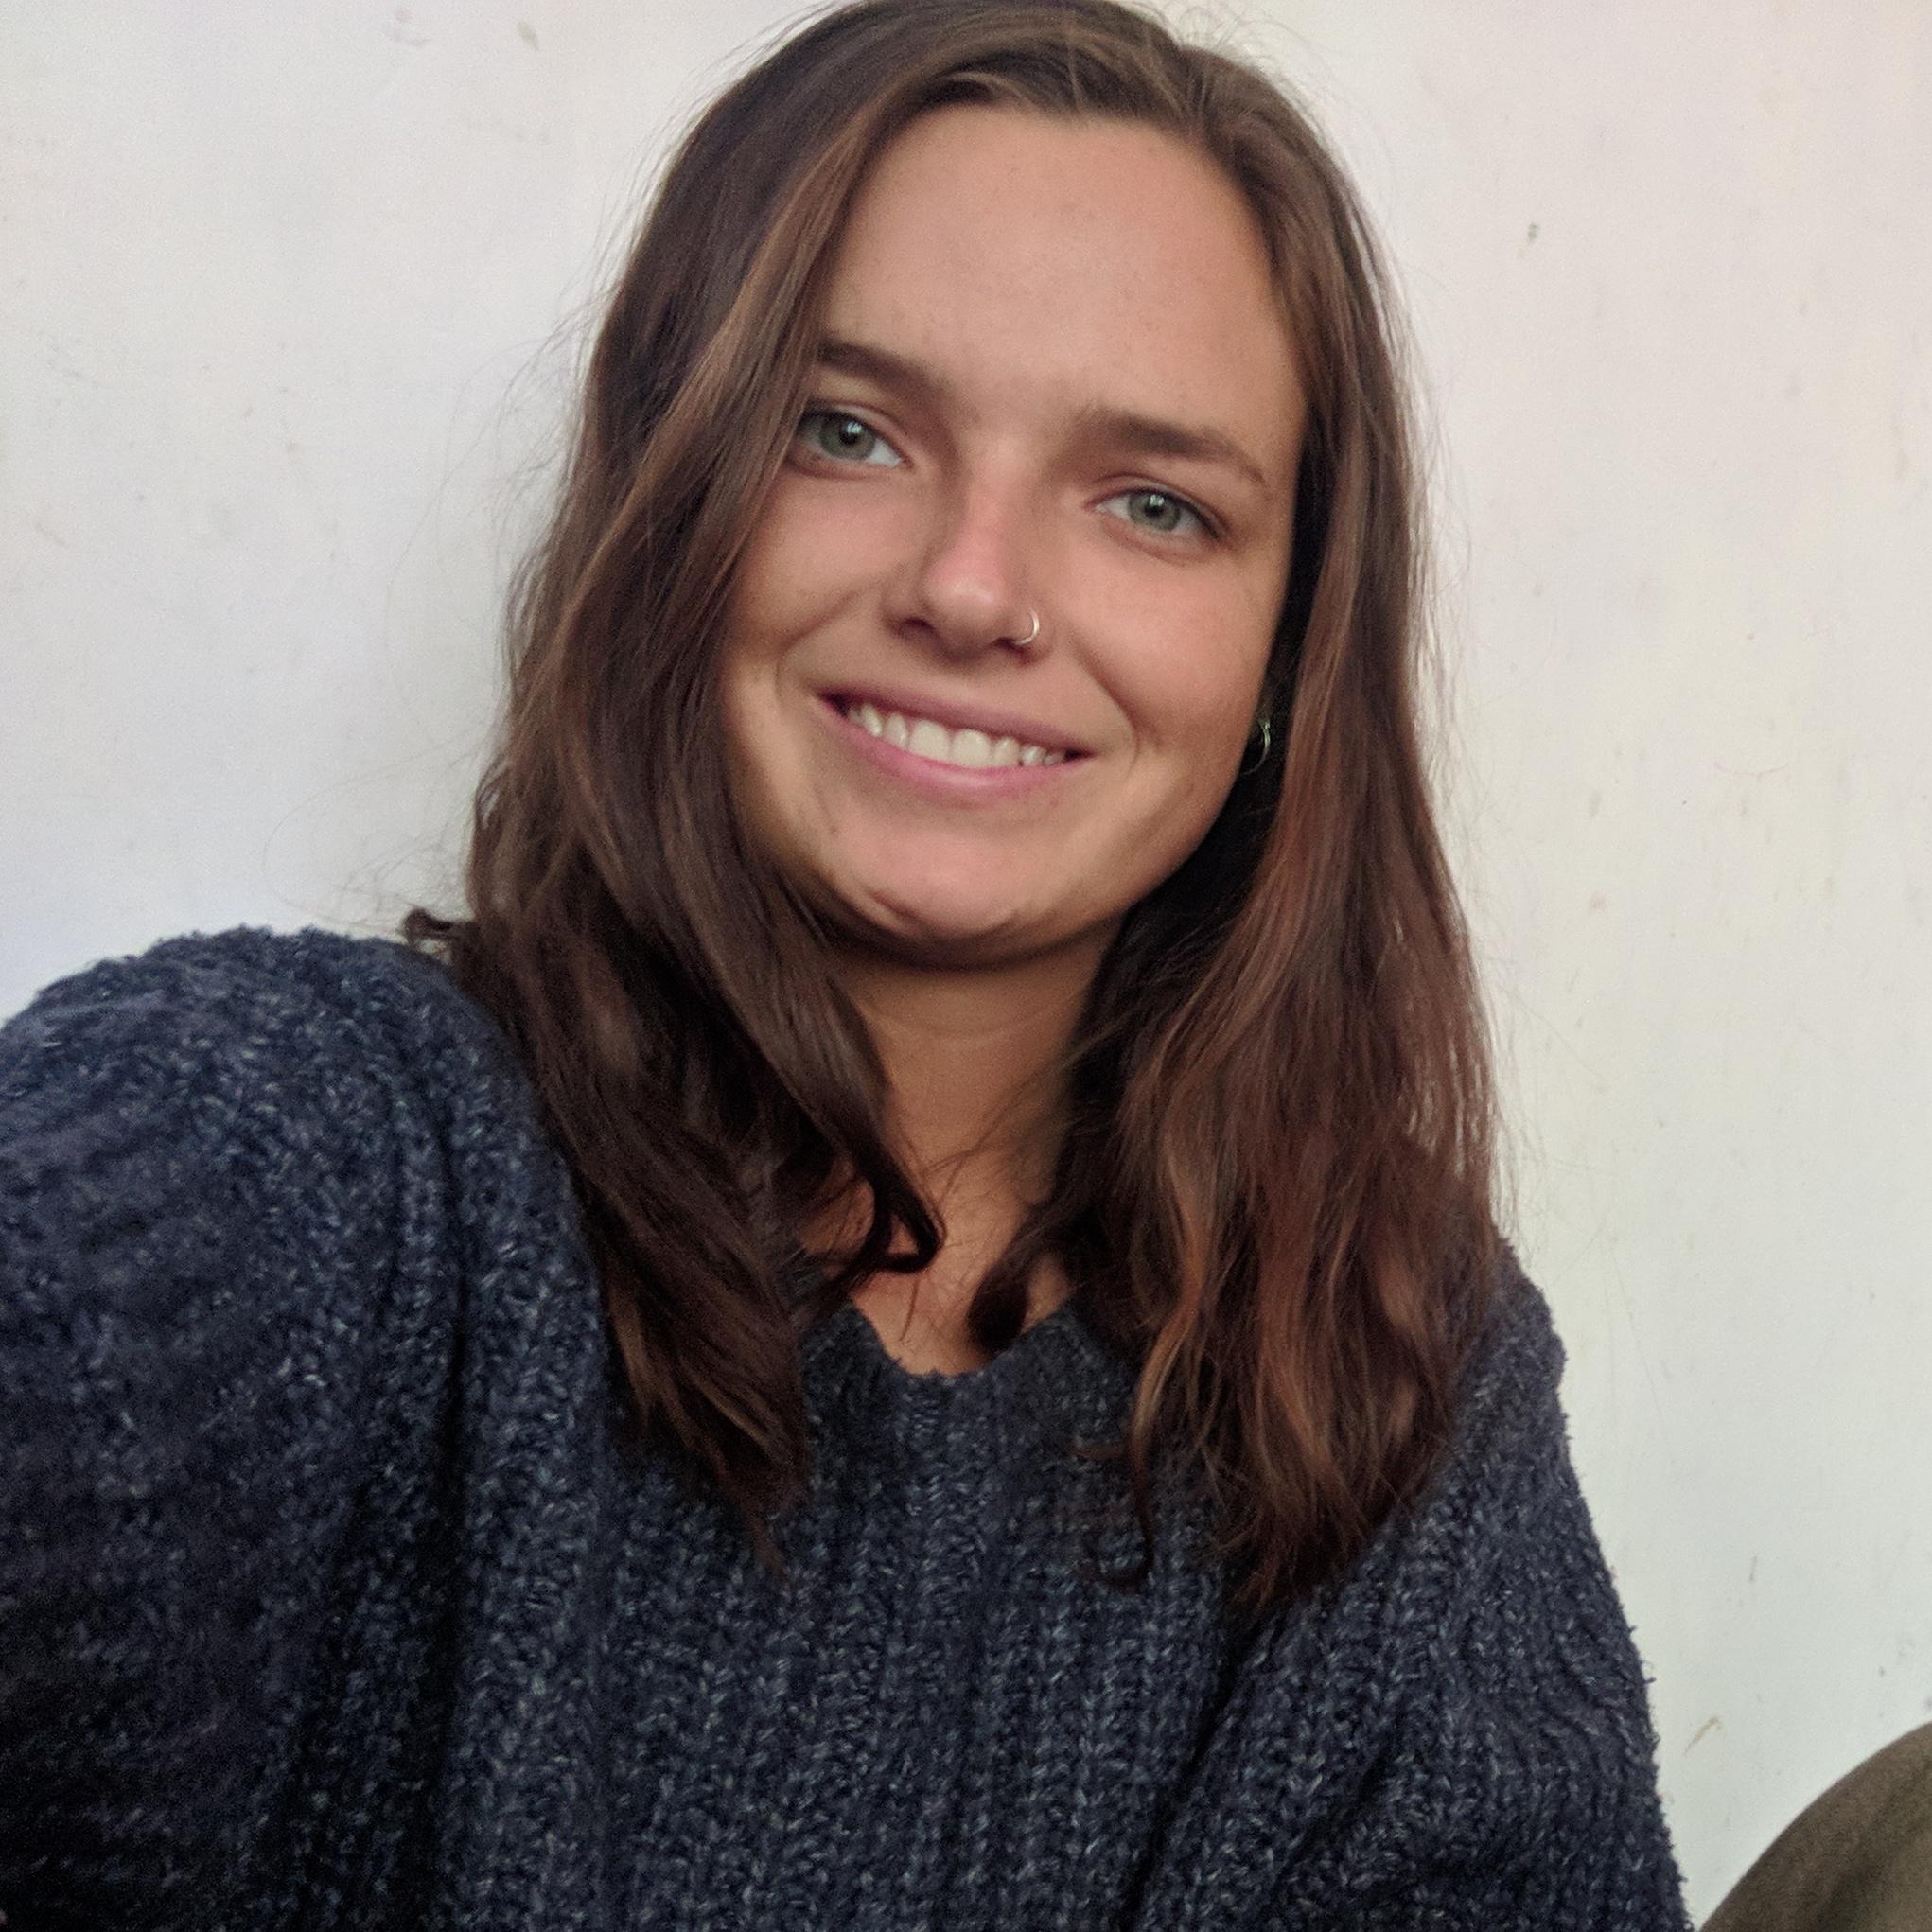 Tara Pinheiro Gibsone